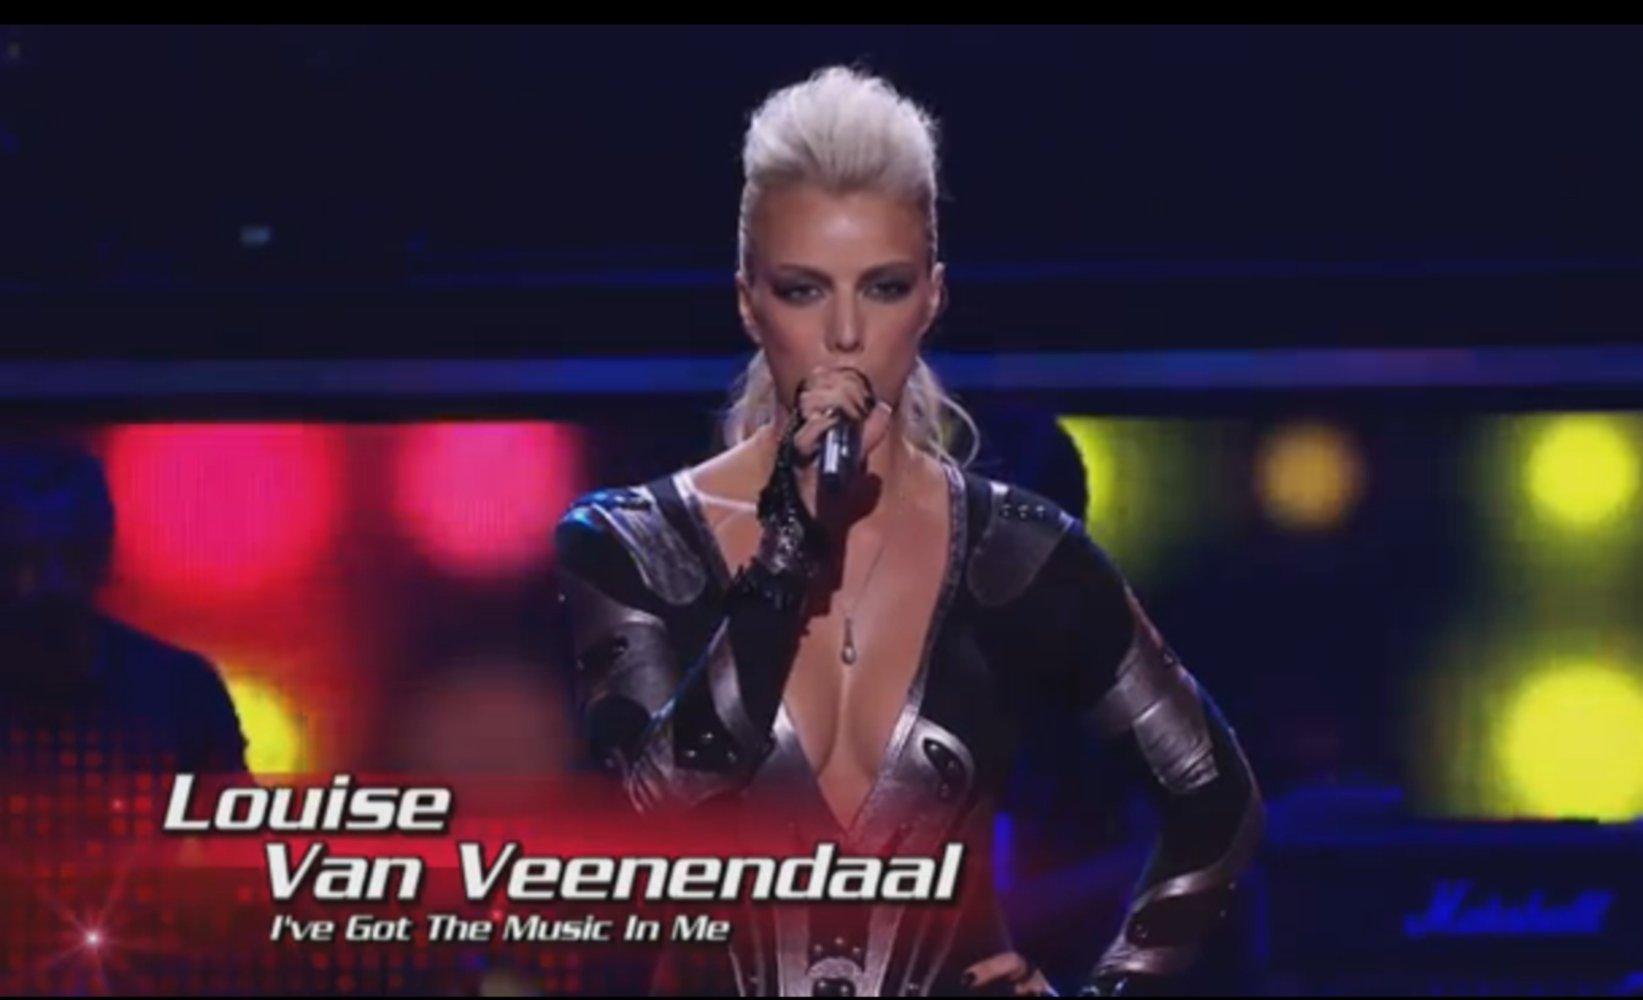 Louise Van Veenendaal